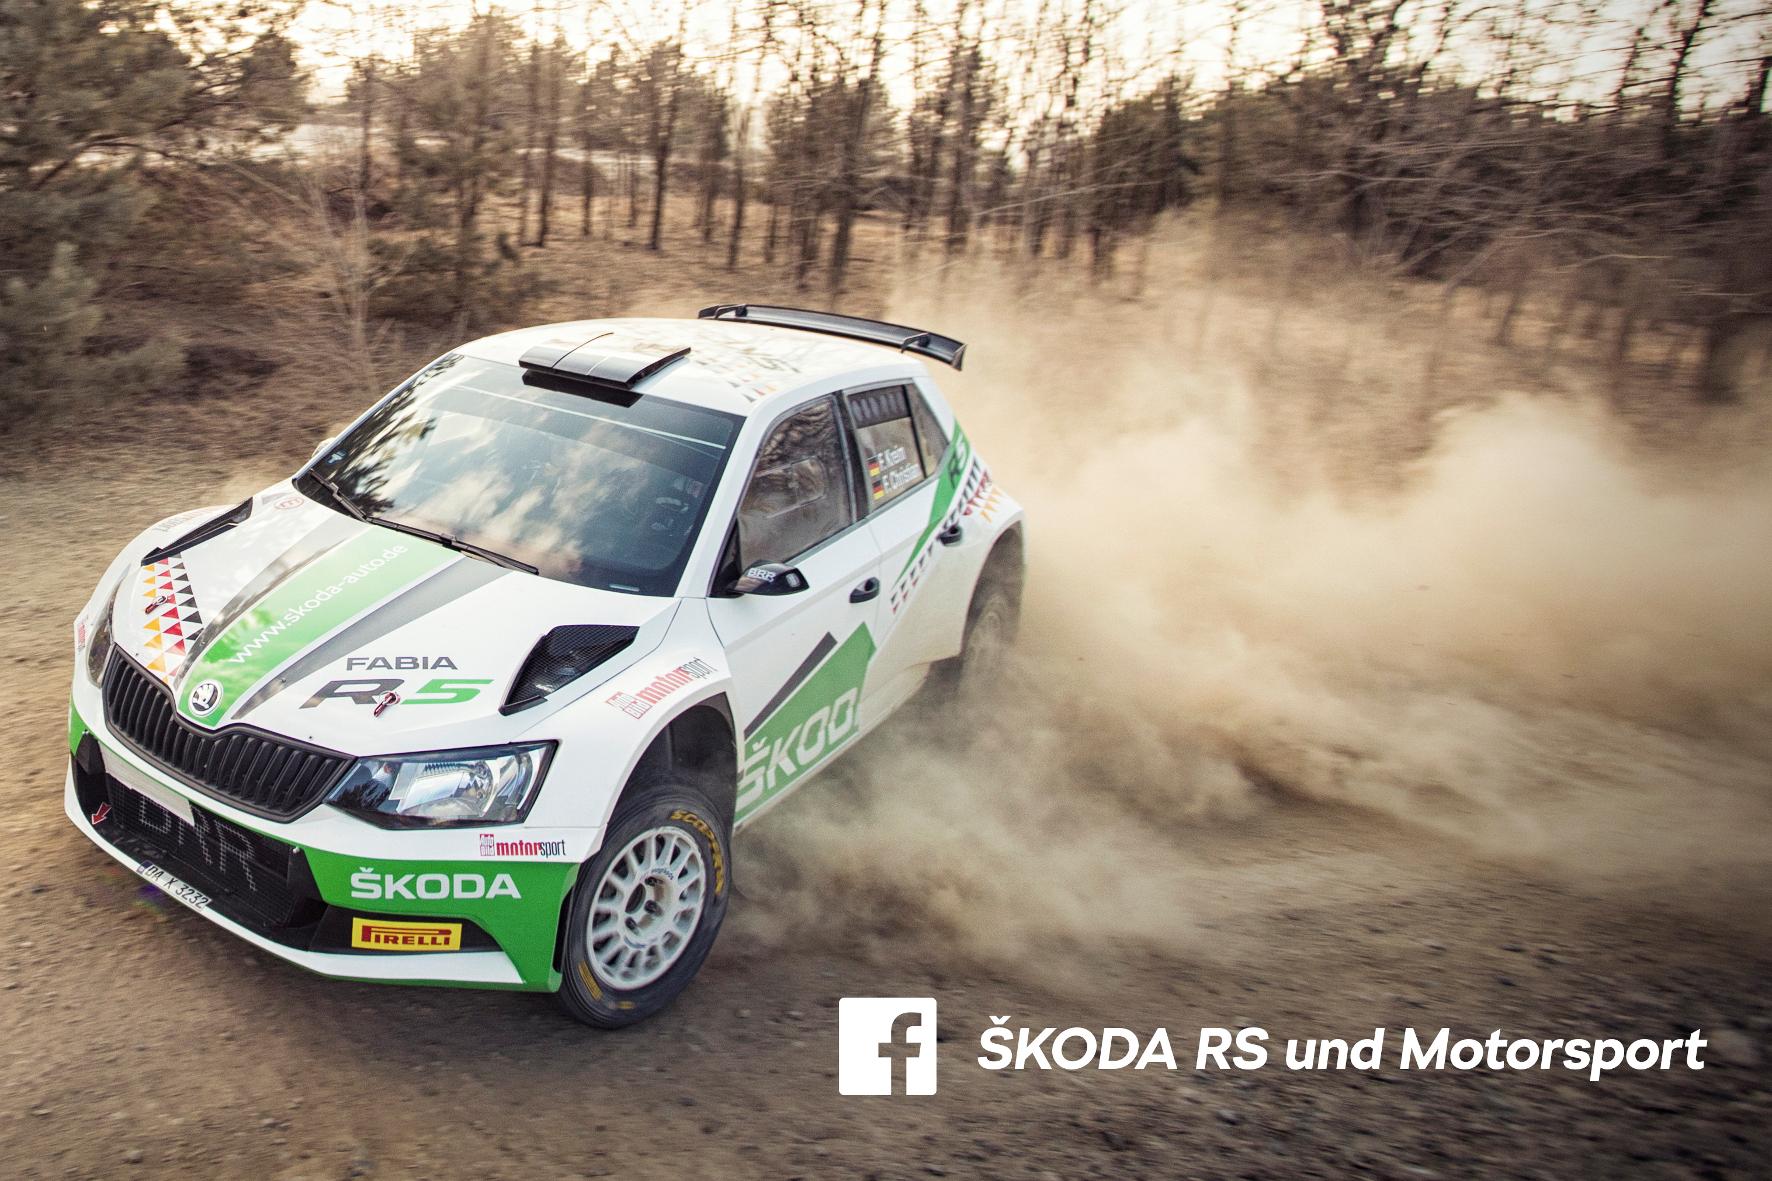 mid Groß-Gerau - Auf einem eigenen Facebook-Kanal gibt Skoda ab sofort Einblicke in die schnelle Welt des Motorsports. Skoda